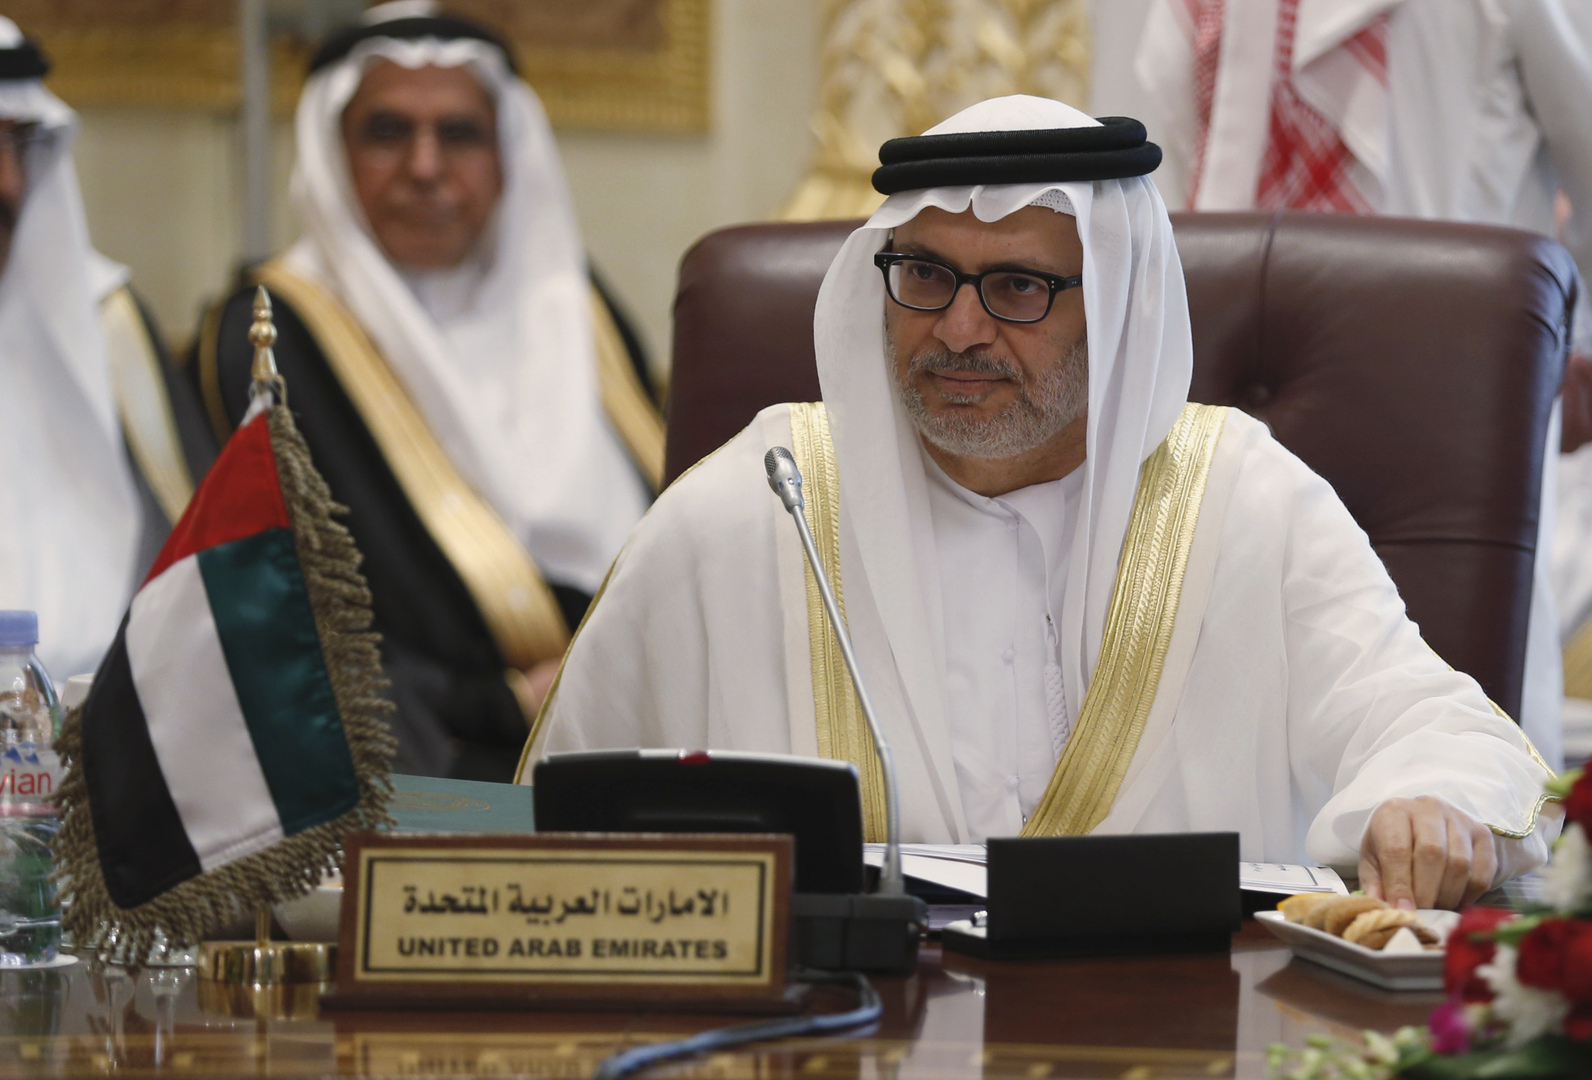 الإمارات توجه دعوة إلى إيران للتوصل إلى